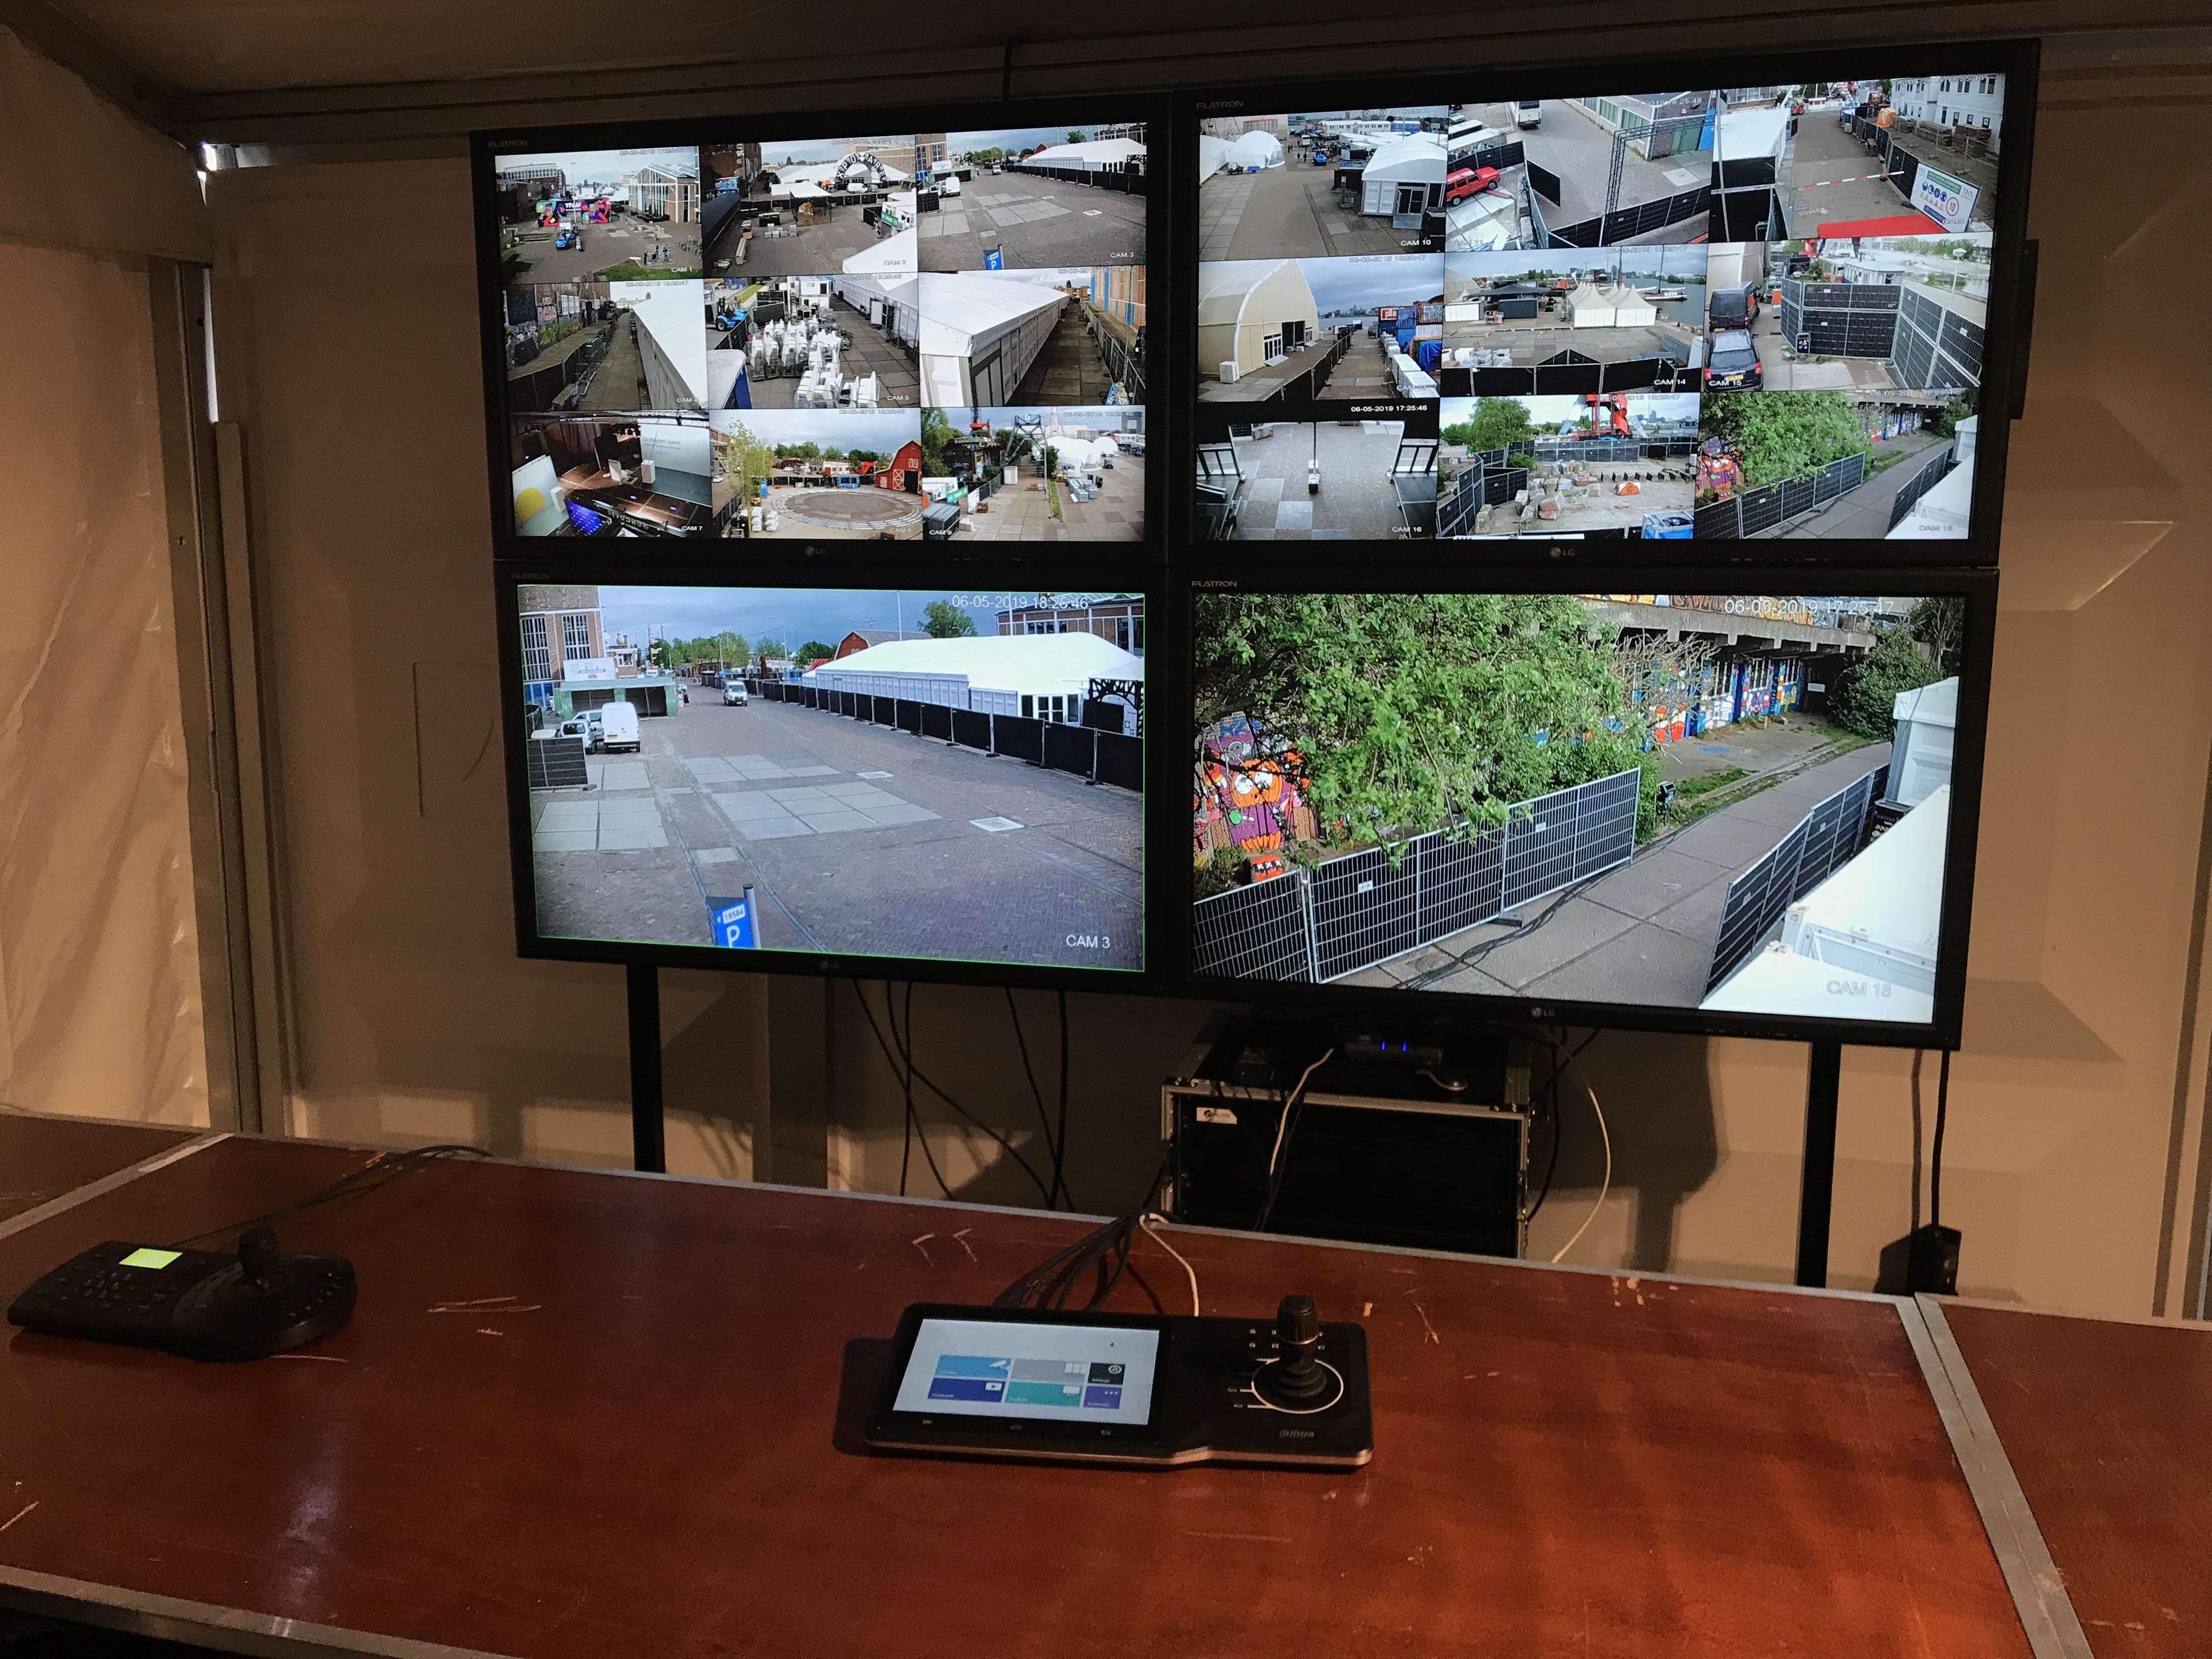 Cameratoezicht geleverd tijdens The Next Web Conference Amsterdam, gehele terrein voorzien van (draadloze) full HD speeddome camera's! CP ingericht met videowall en touchscreen PTZ controler! #TNW #beveiliging #cameratoezicht #NDSM-werf #Amsterdam #camera's #security